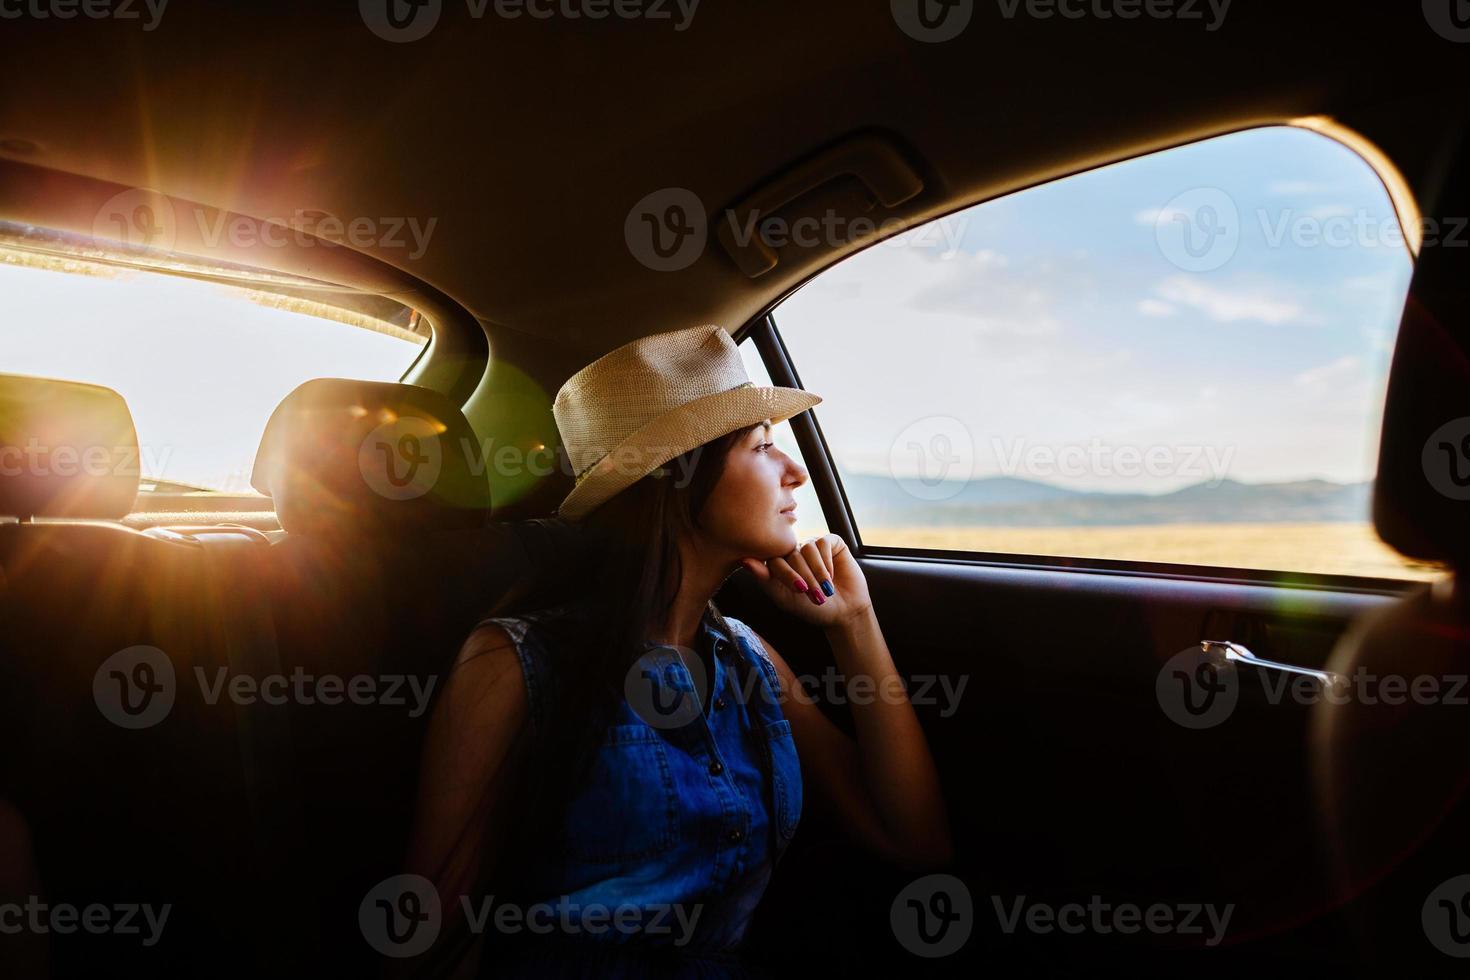 kvinnor reser med bil med solljus och pittoreska foto